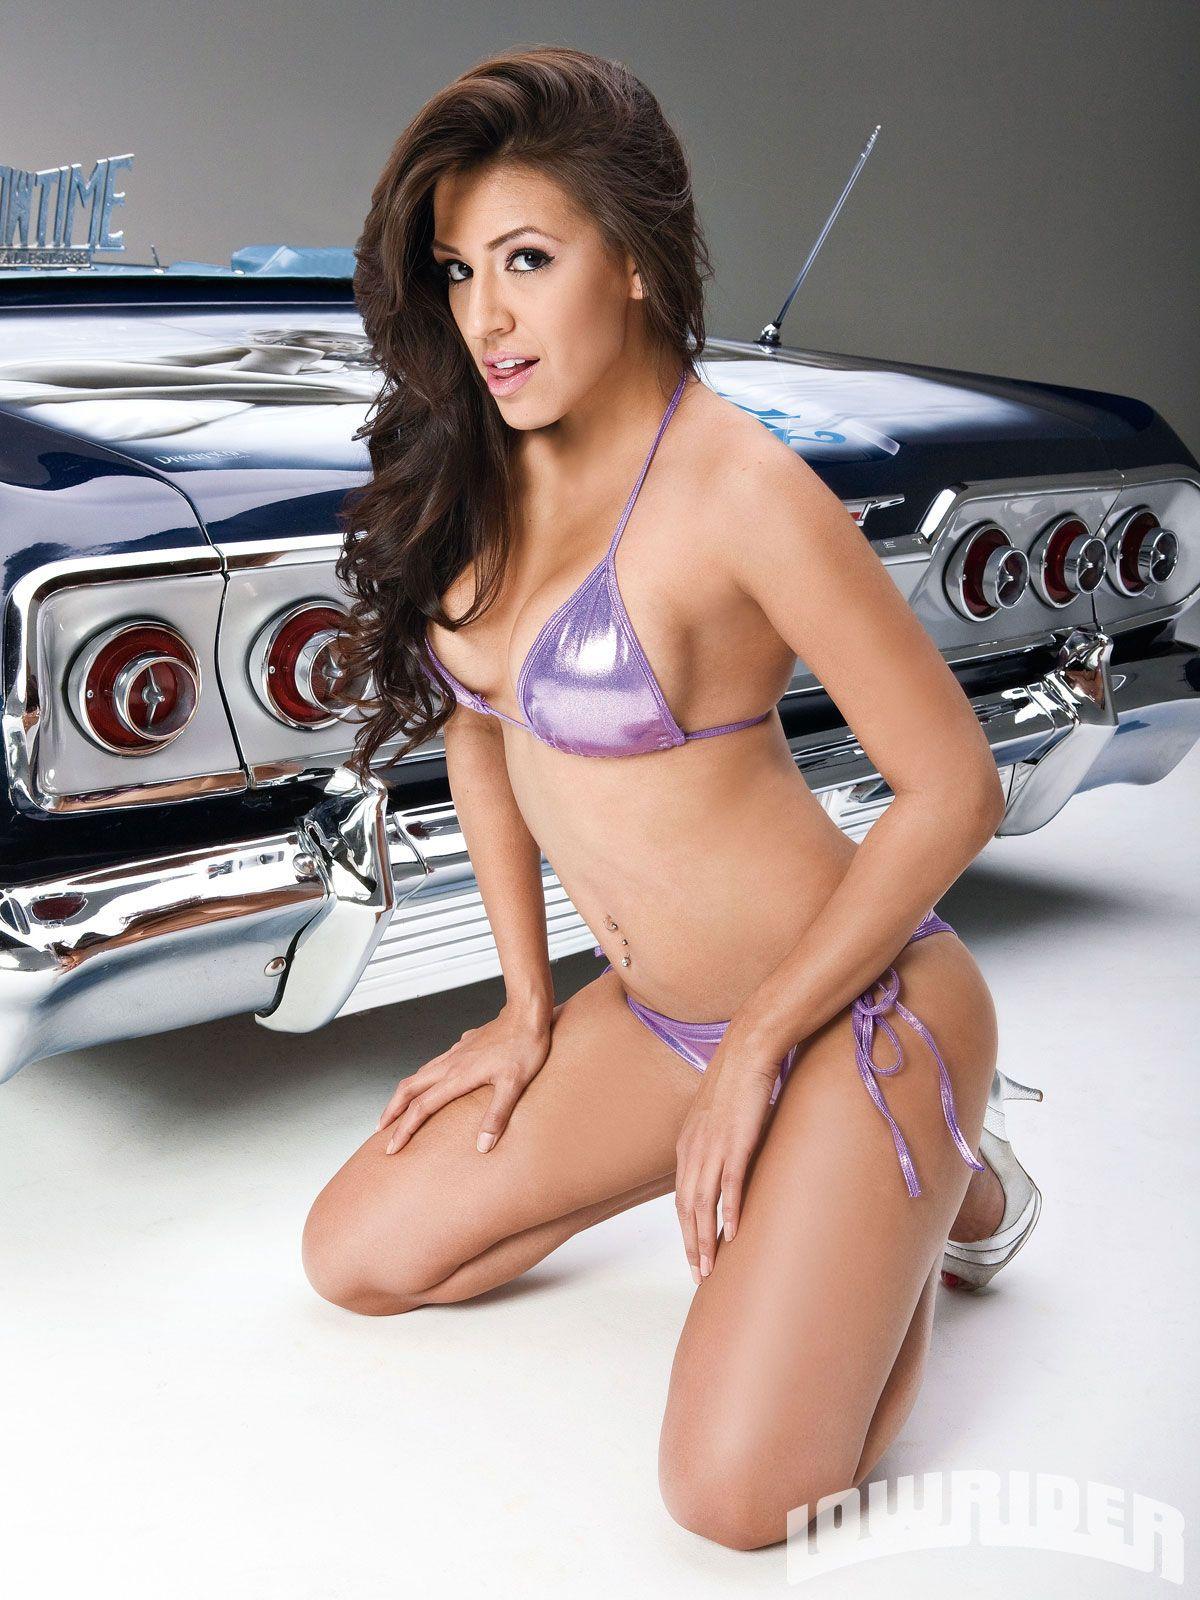 Tall hot women sex